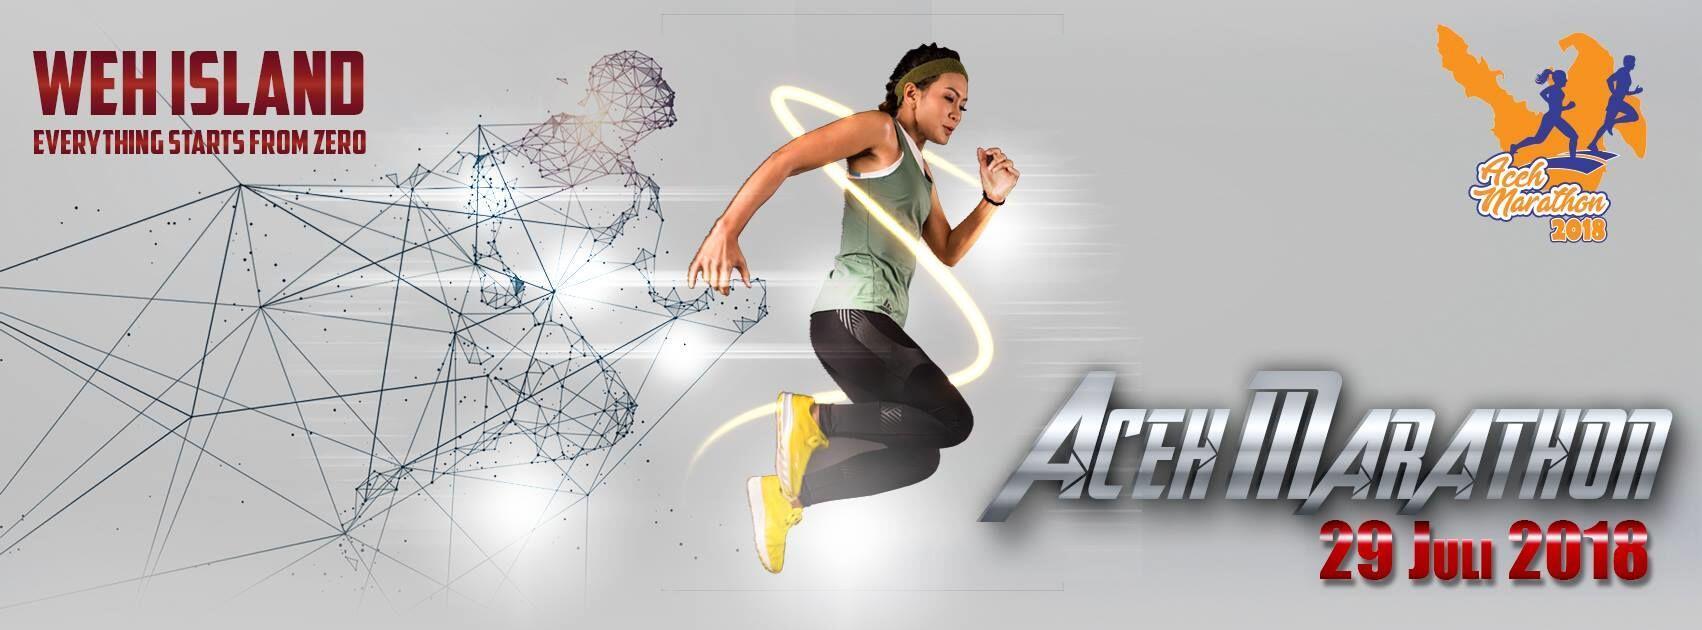 Steffy Burase Akui Terima Uang dari Tersangka KPK untuk Aceh Marathon